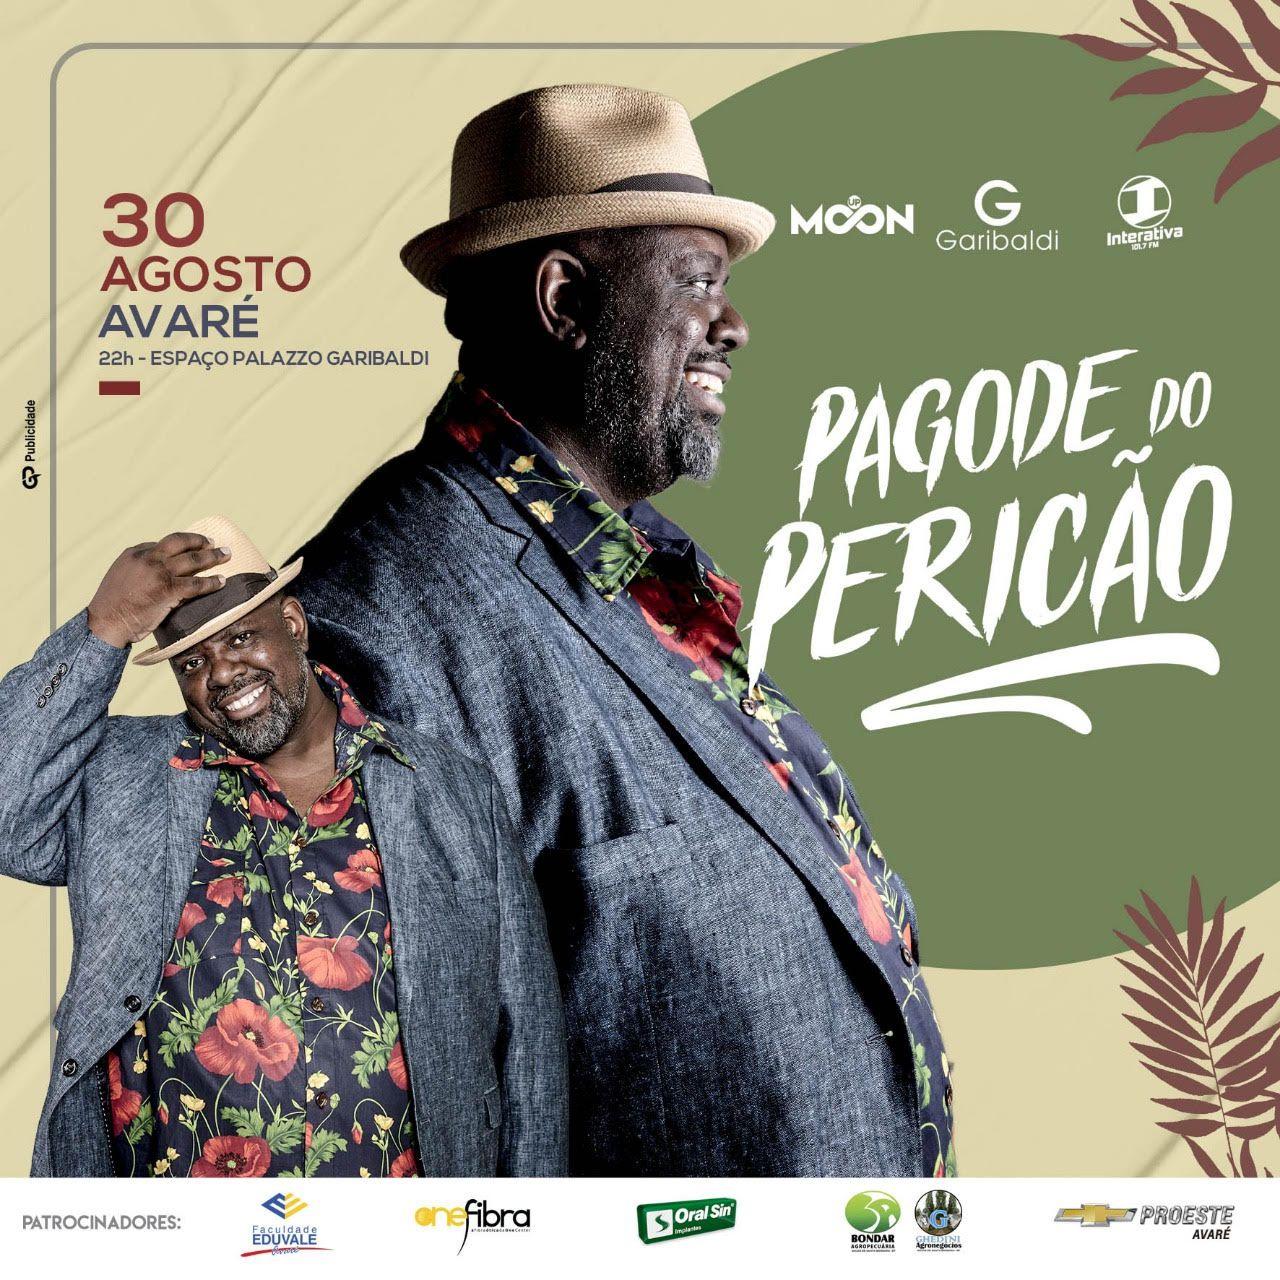 Pagode do Pericão - 30/08/19 - Avaré - SP